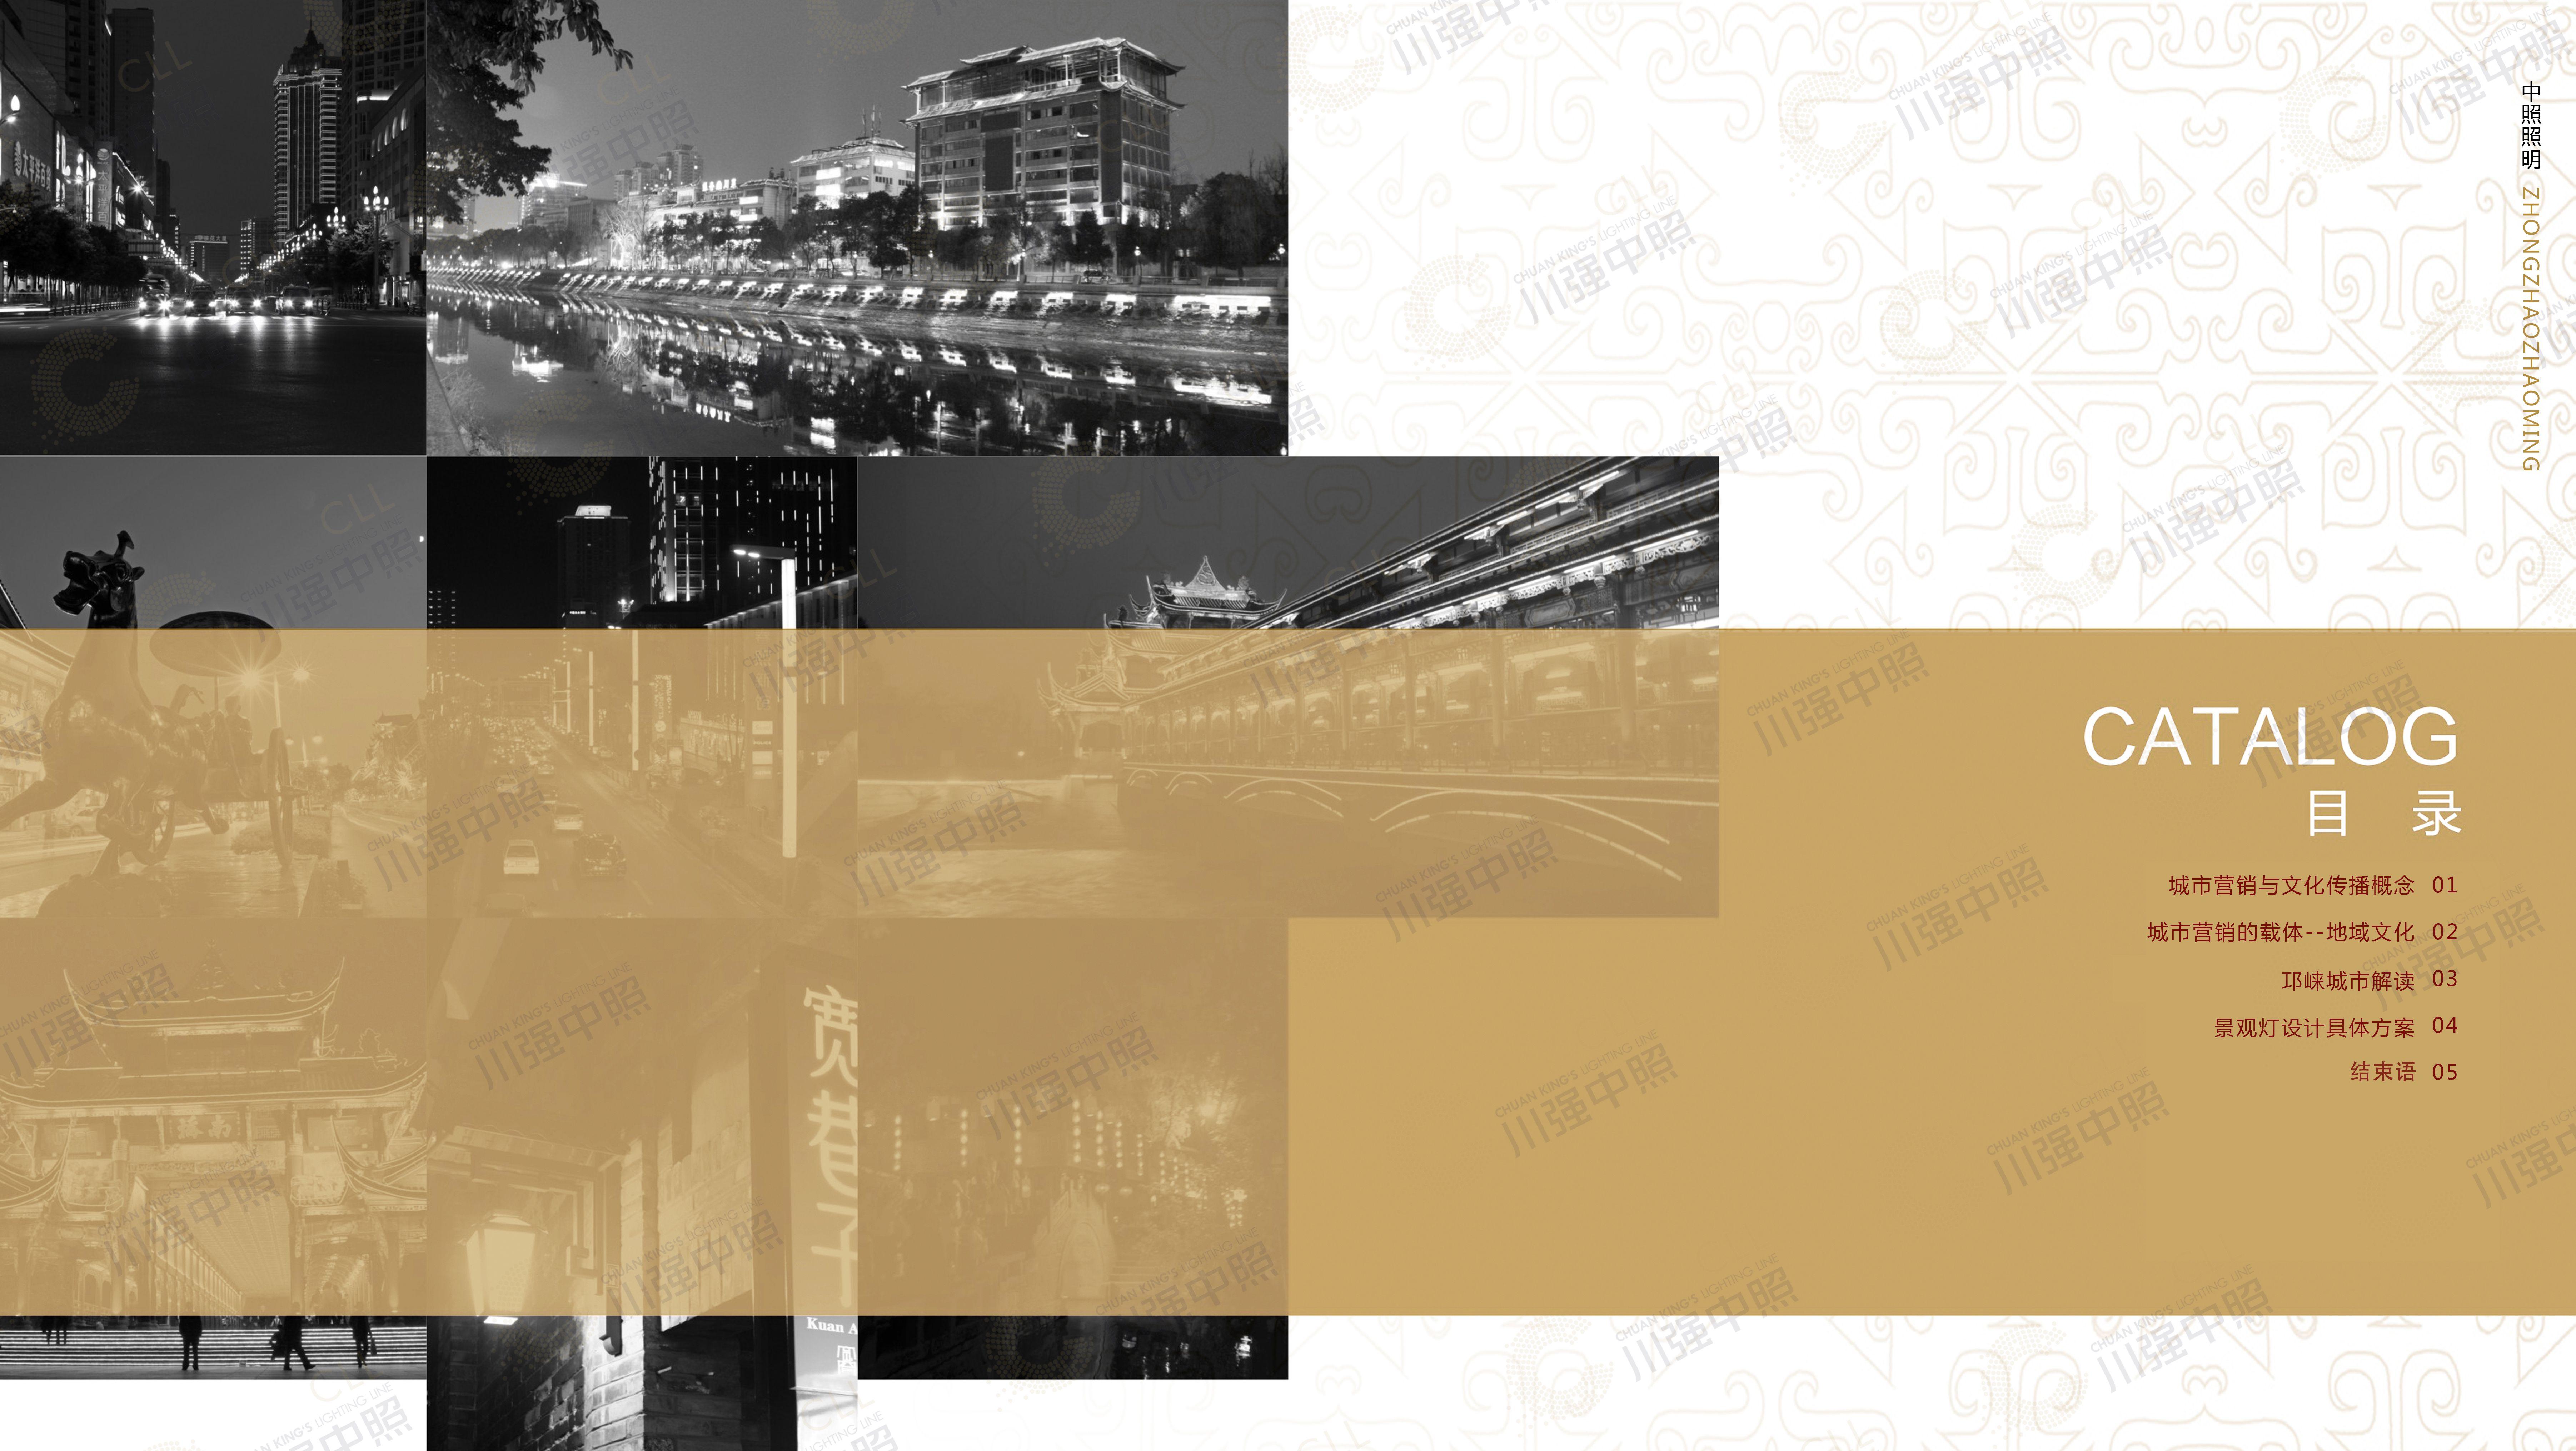 邛崃 • 道路景观照明灯型设计方案